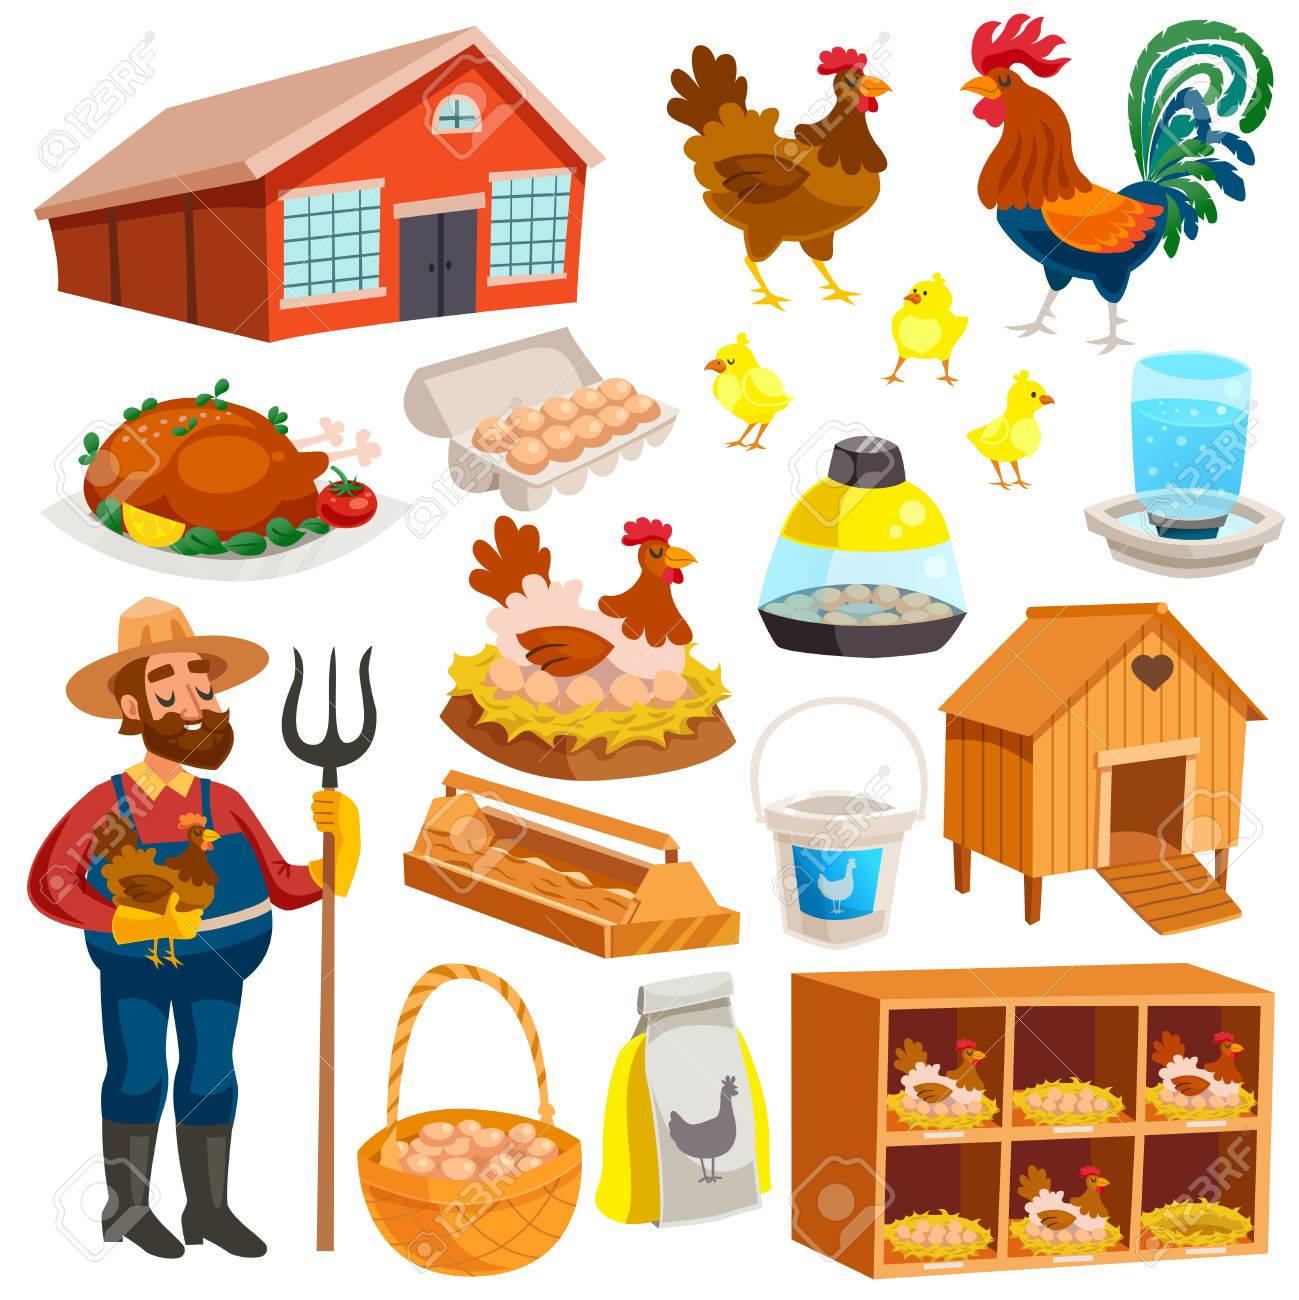 . Farming clipart poultry farm